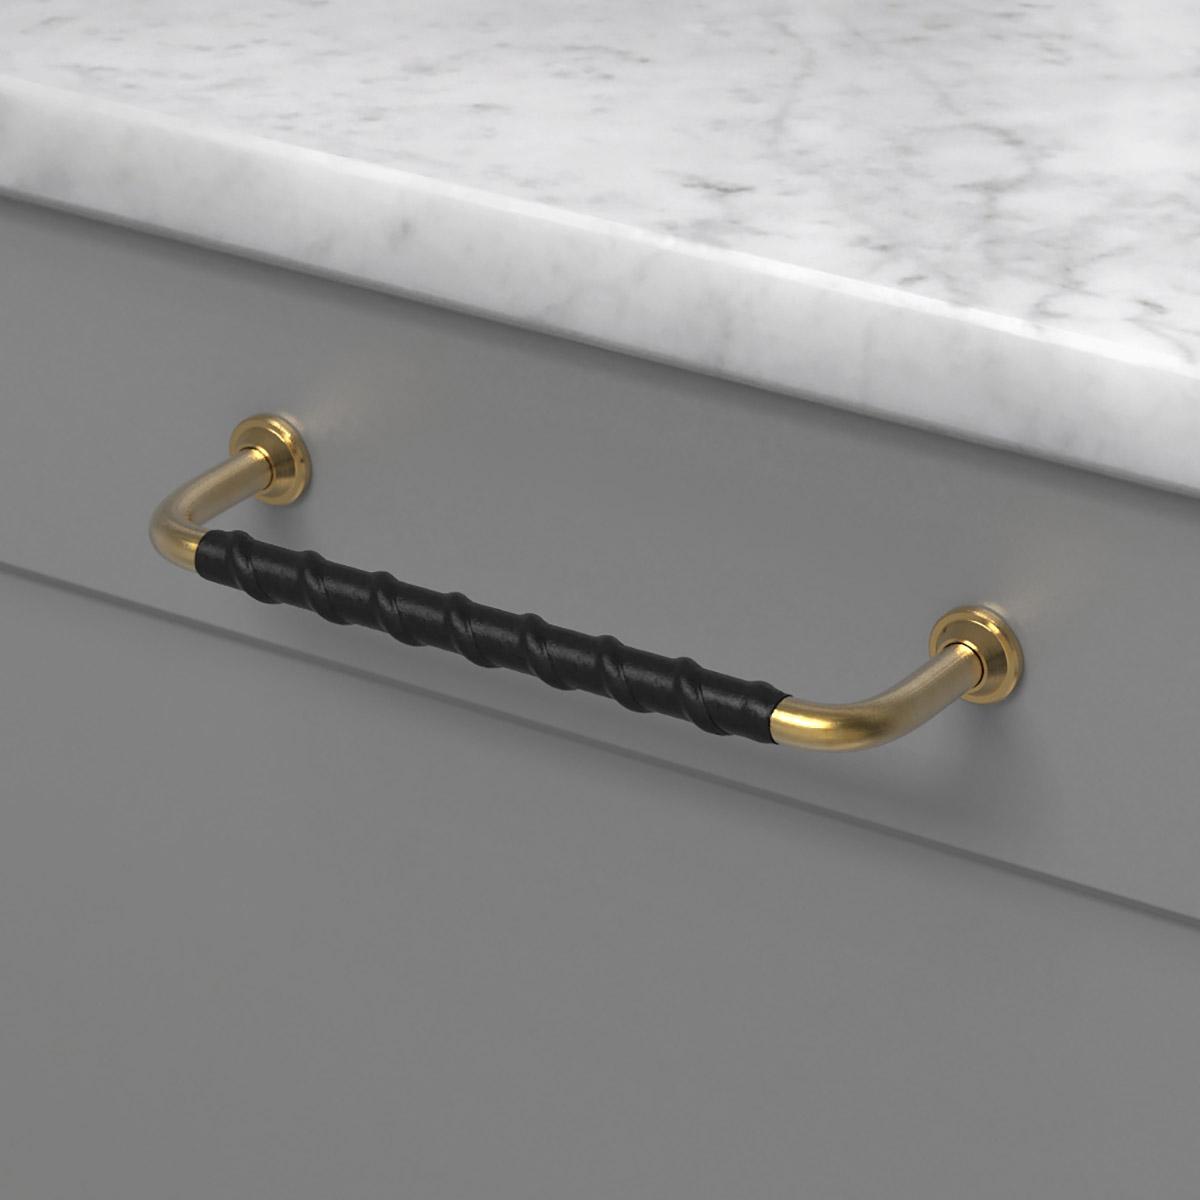 Handtag 1353 obehandlad massing laderlindat svart 330717 11 cc 128 mm ncs s 6500 n marmor carrara